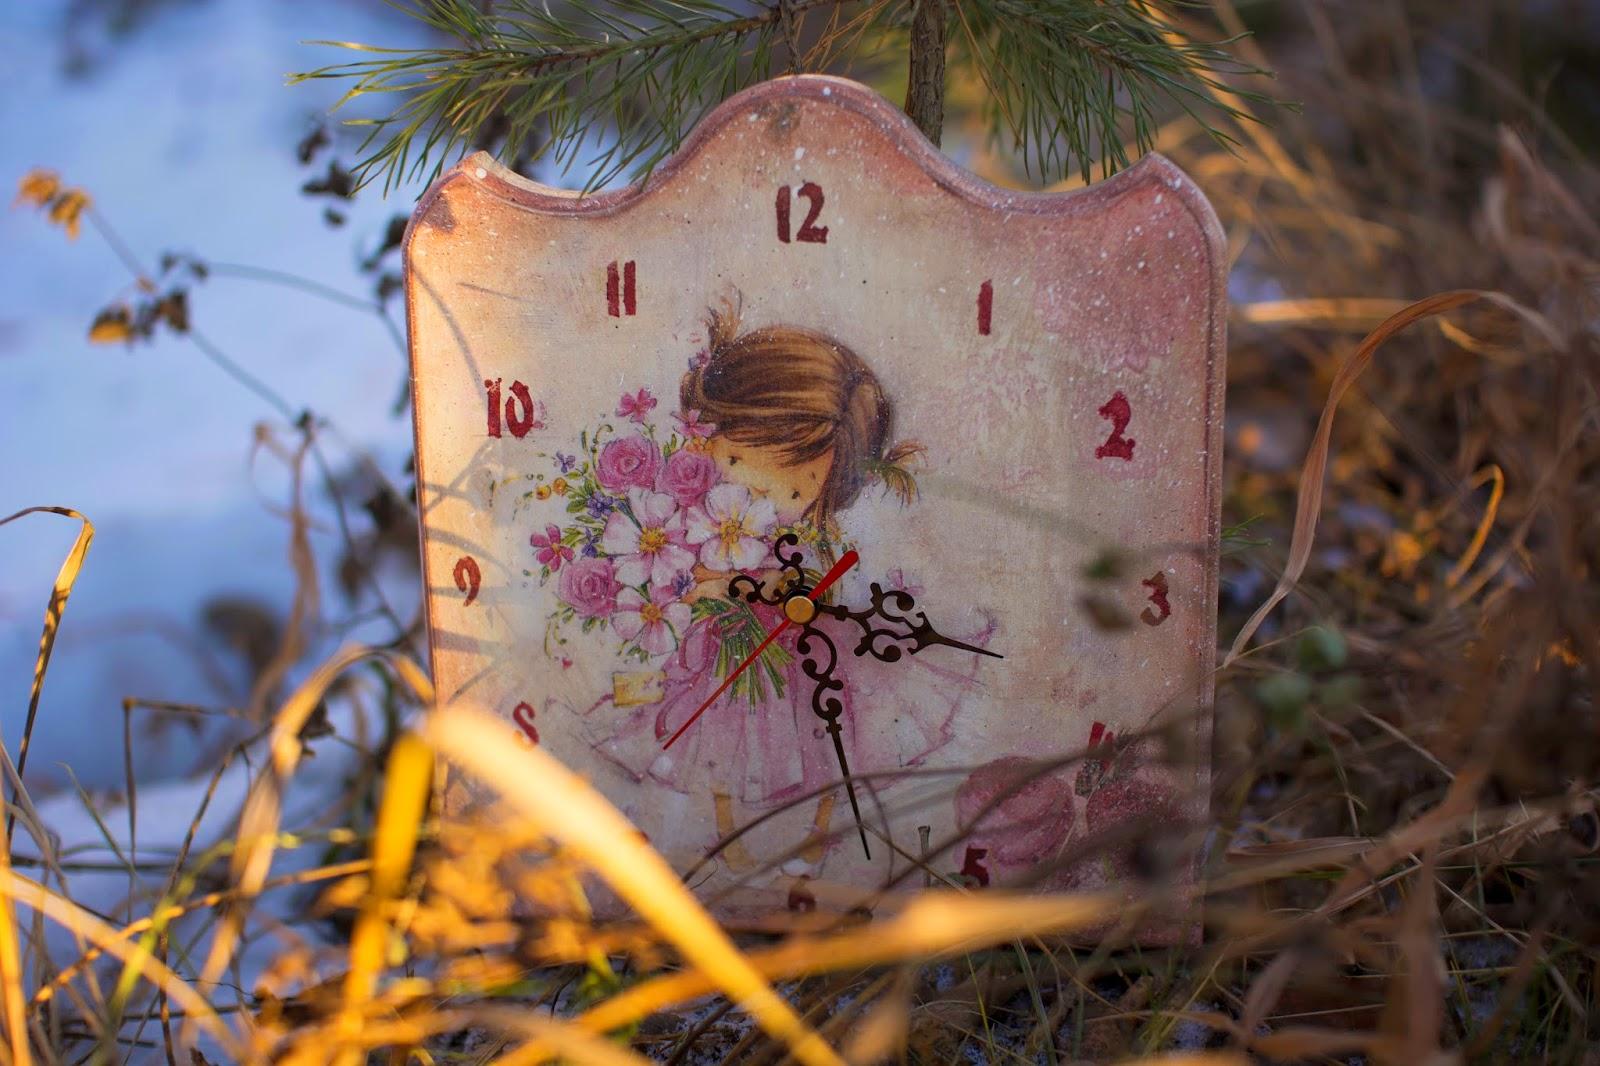 что подарить девочке на день рождения, часы для девочки, красивые часы, подарок с любовью